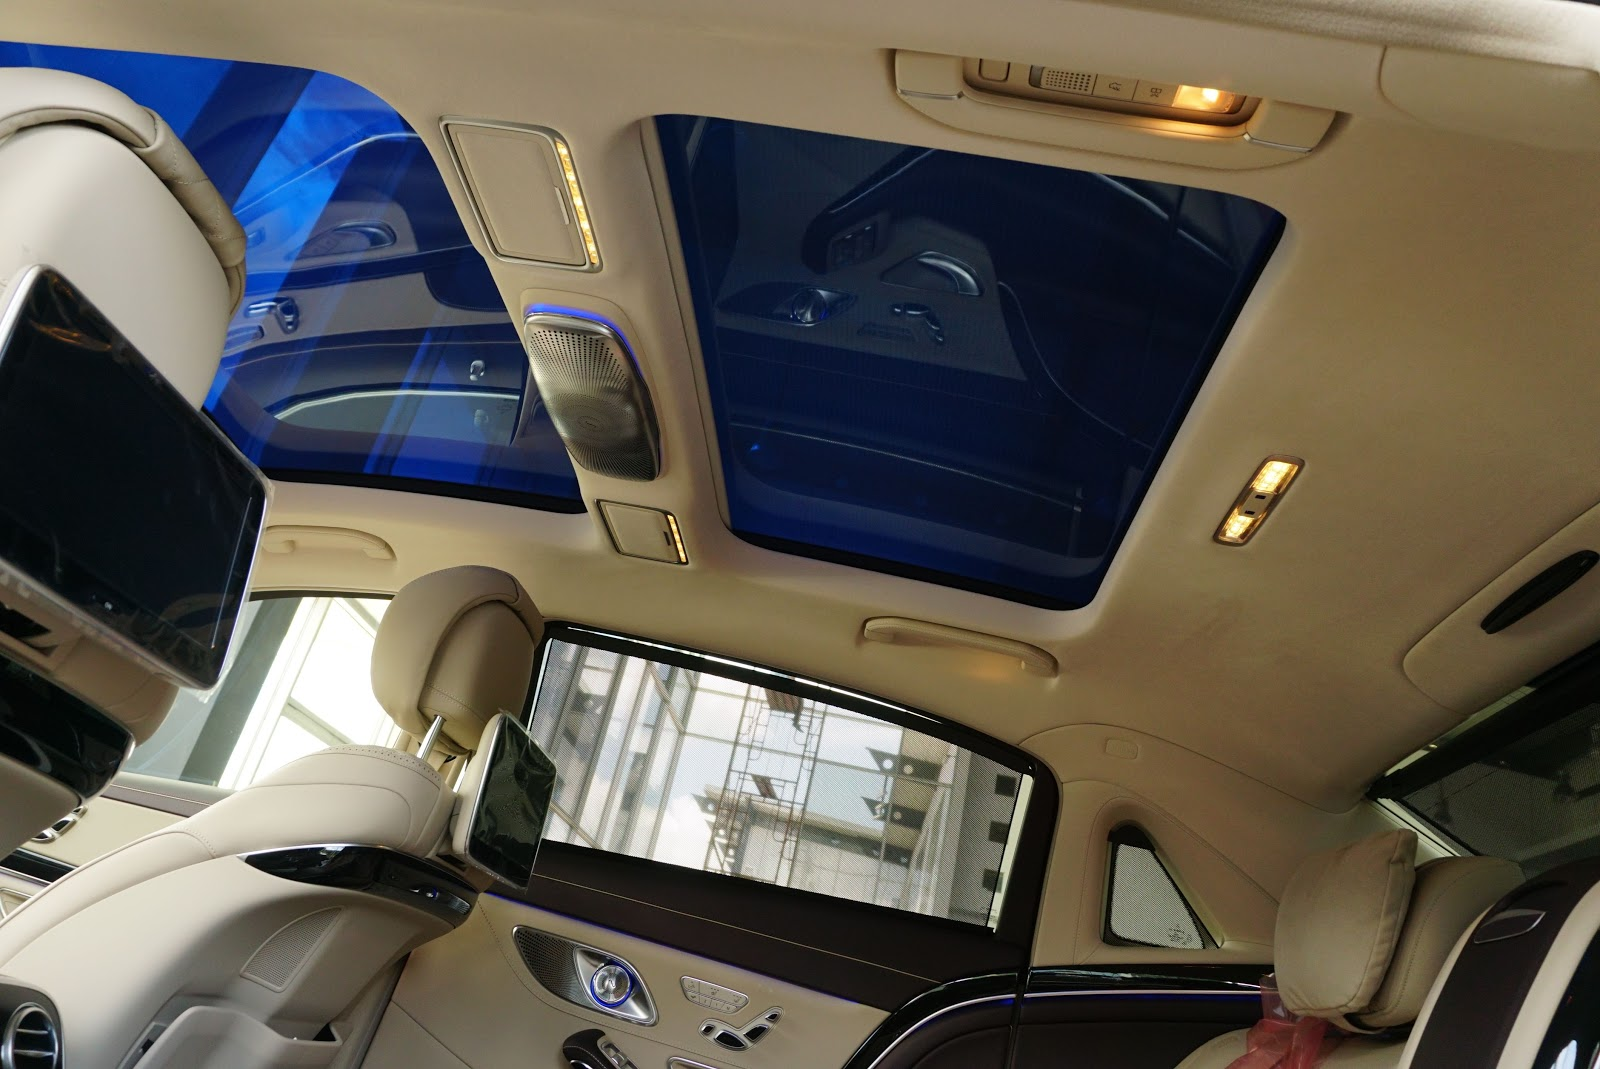 Một khách sạn 5 sao được...đặt trong một chiếc siêu xe